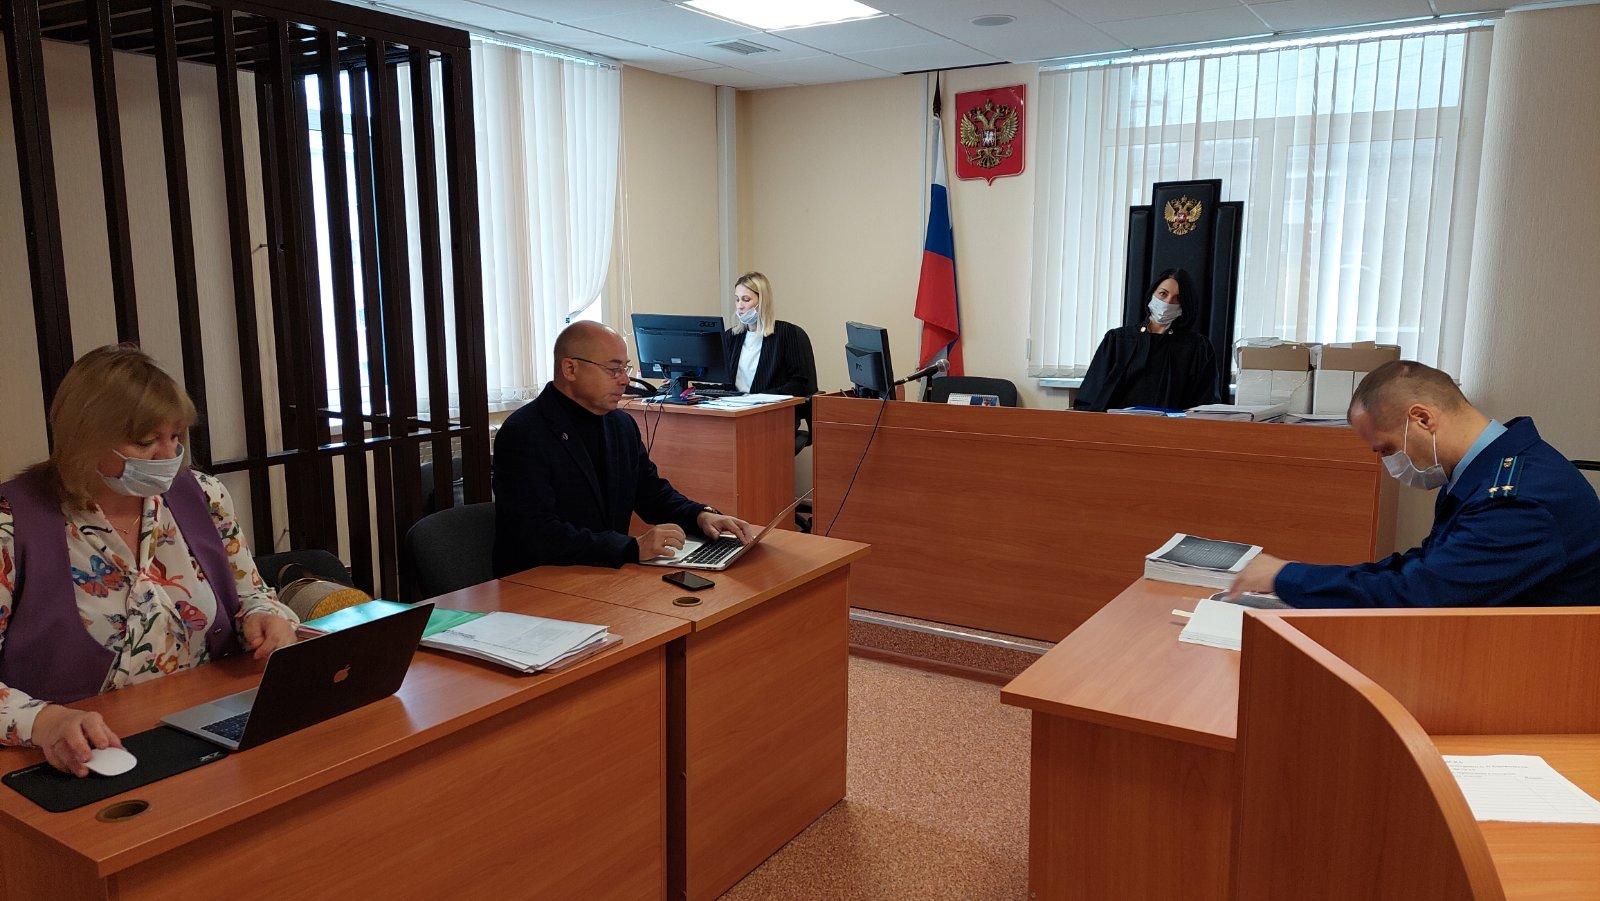 Срочно! В Самаре началось заседание суда по делу главы департамента образования